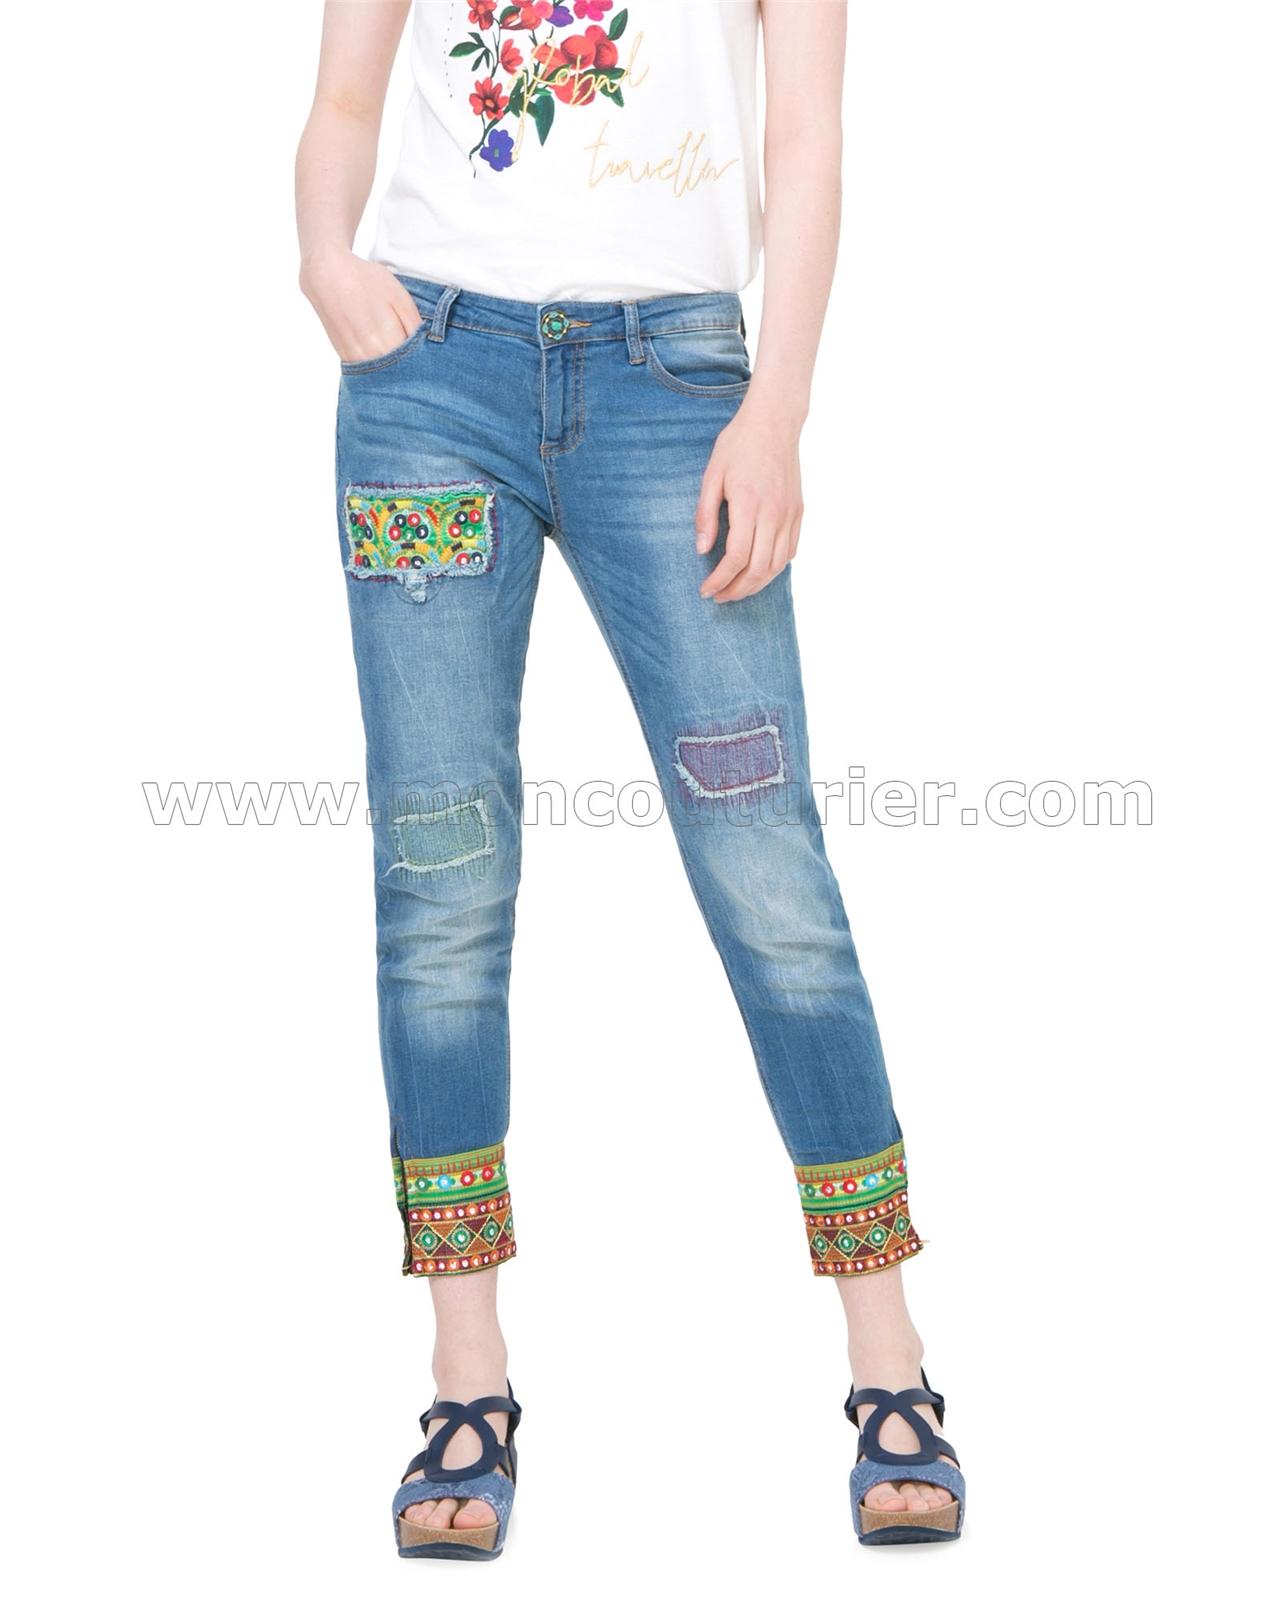 35185d1ba DESIGUAL Women's Denim Pants Ethnic Ankle, Sizes XS-XL